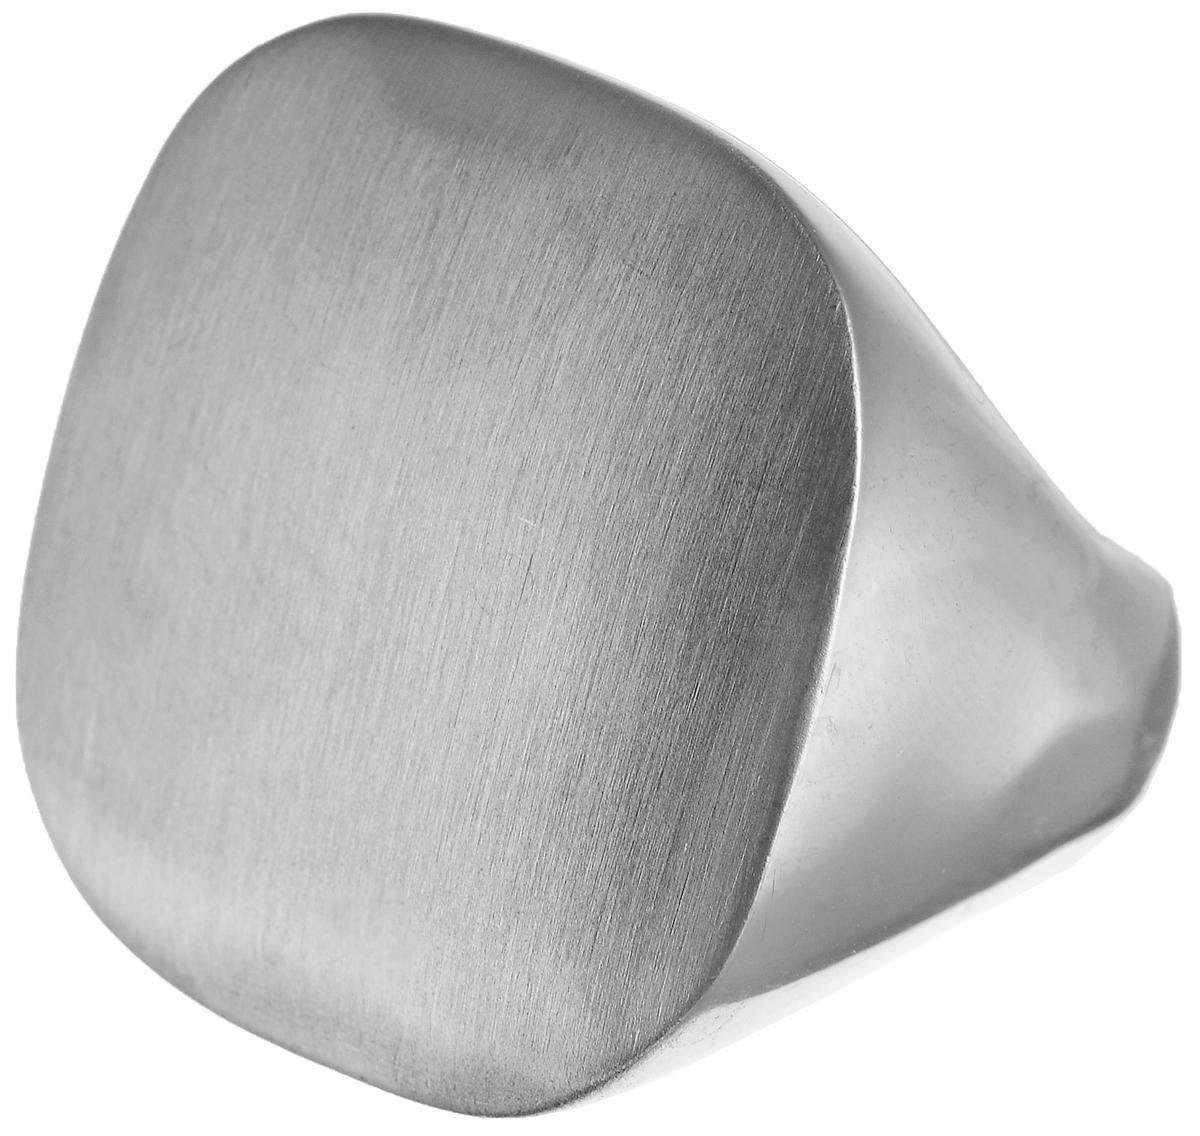 Кольцо Polina Selezneva, цвет: серебристый. DG-0012. Размер 19Коктейльное кольцоОригинальное кольцо Polina Selezneva выполнено из металлического сплава. Оформлено изделие в форме квадрата с закругленными краями. Такое кольцо это блестящее завершение вашего неповторимого, смелого образа и отличный подарок для ценительницы необычных украшений!